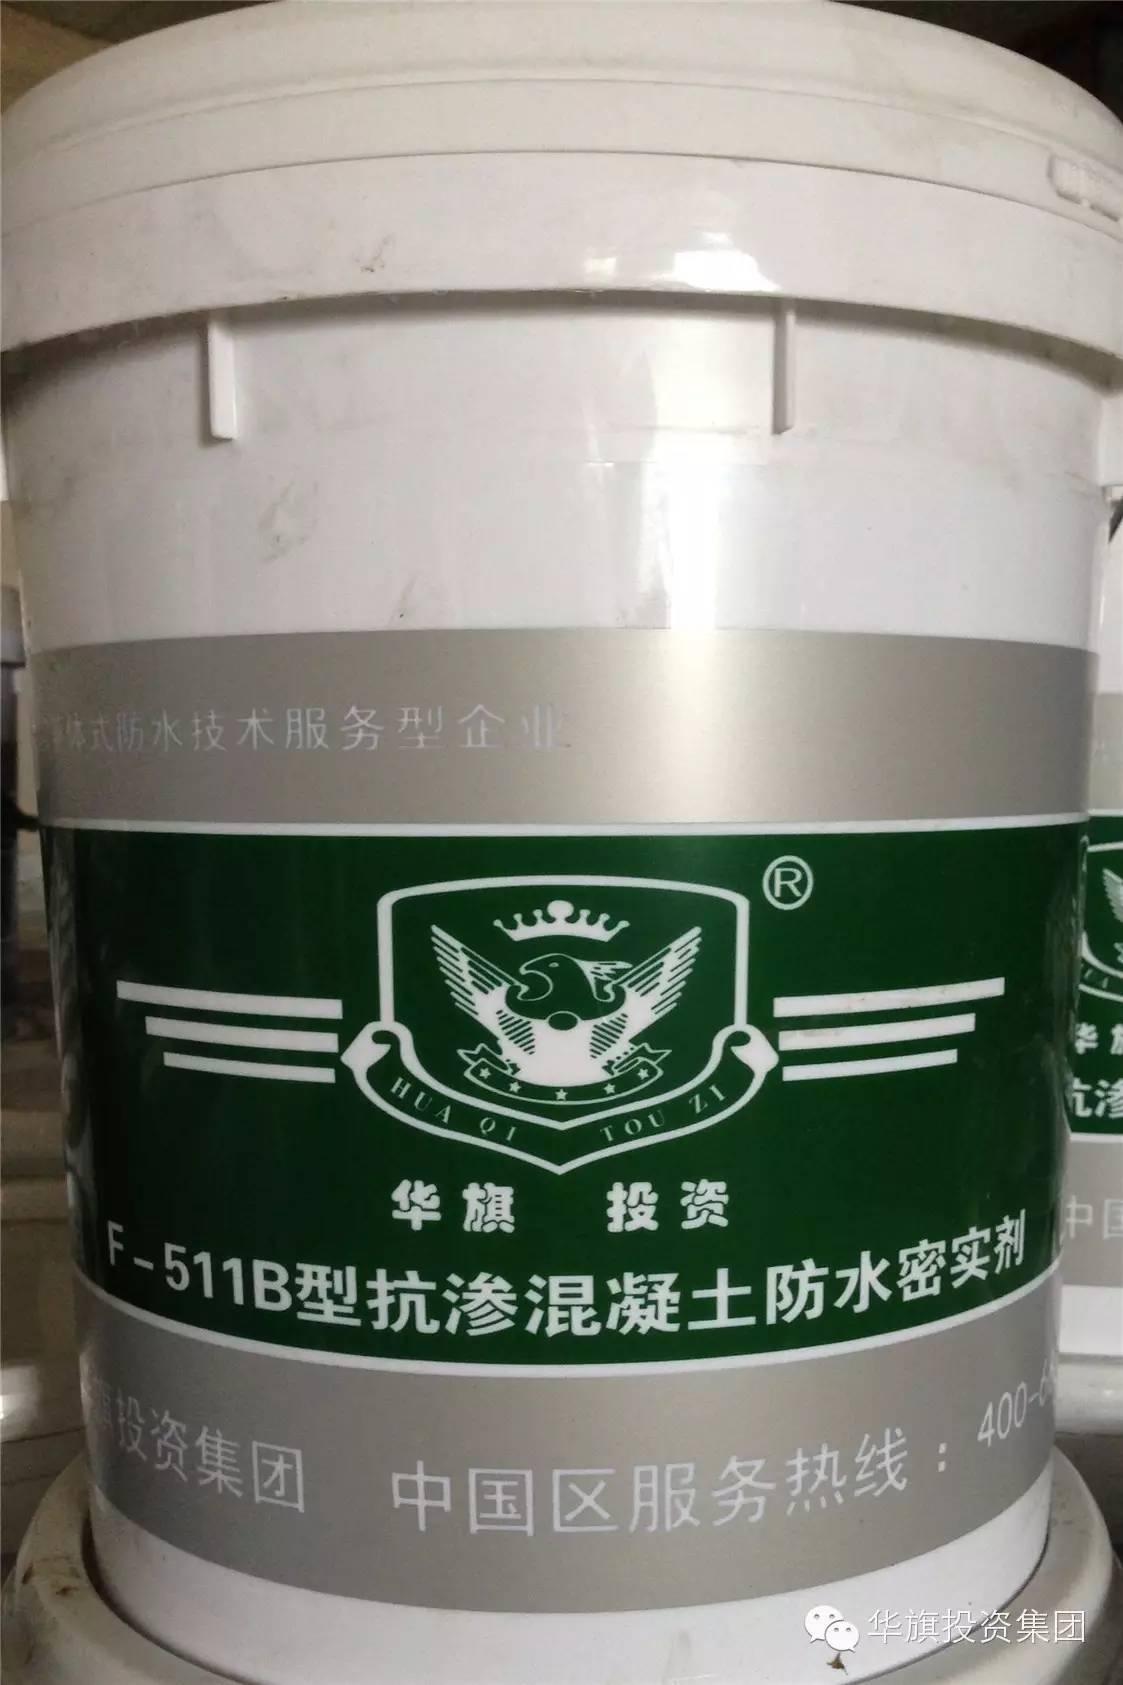 华旗躯体式刚性复合防水技术系统